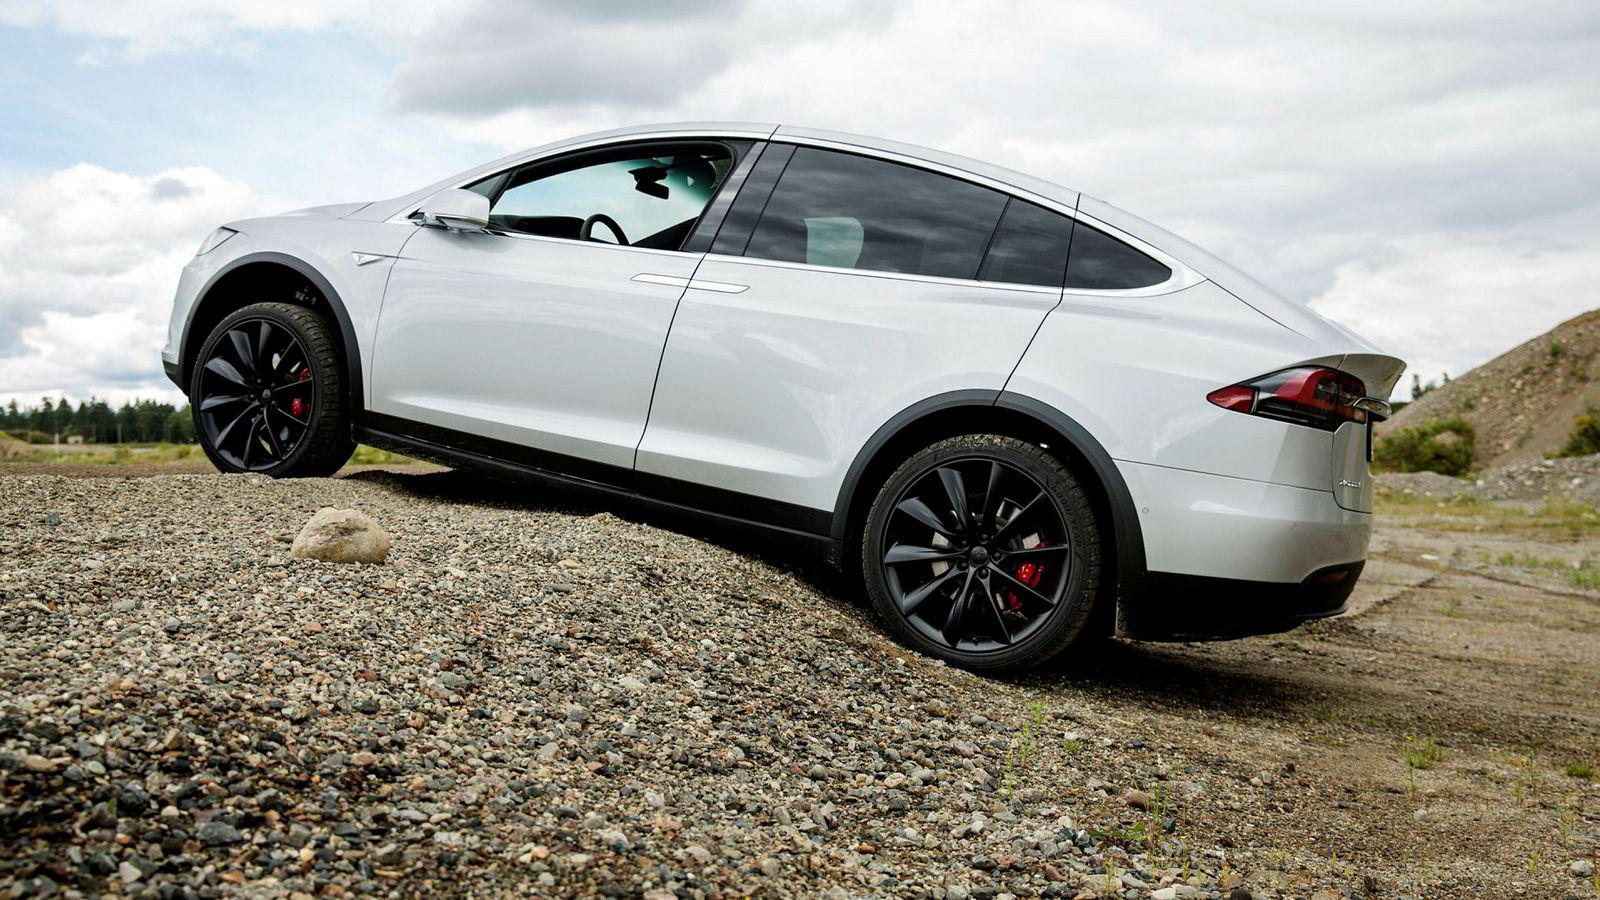 Med 1234 registrerte biler ble Tesla Model X den mest registrerte bilen i Norge i september.